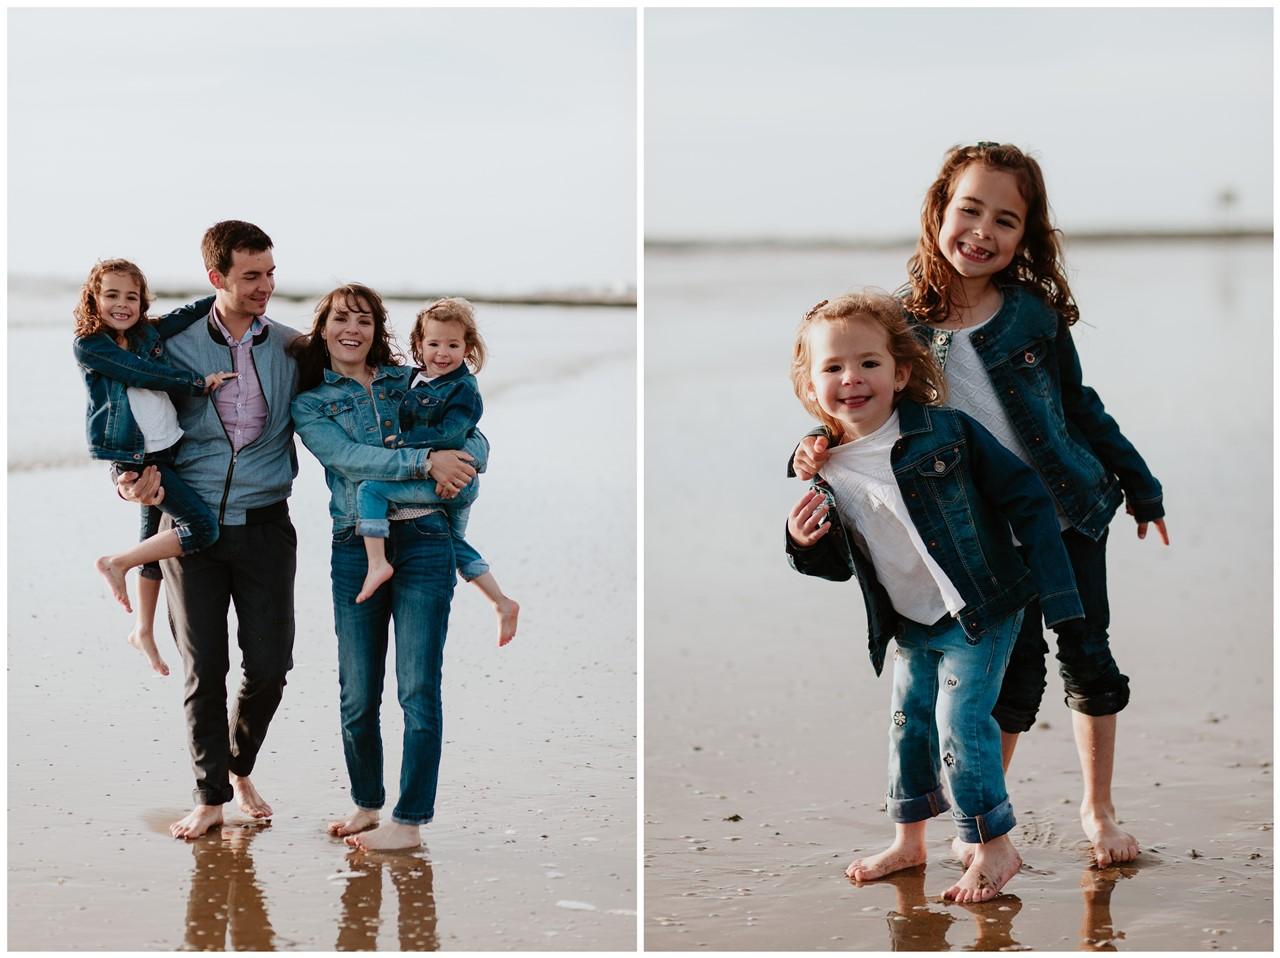 séance famille plage mer pornic marche portraits parents enfants pieds nus